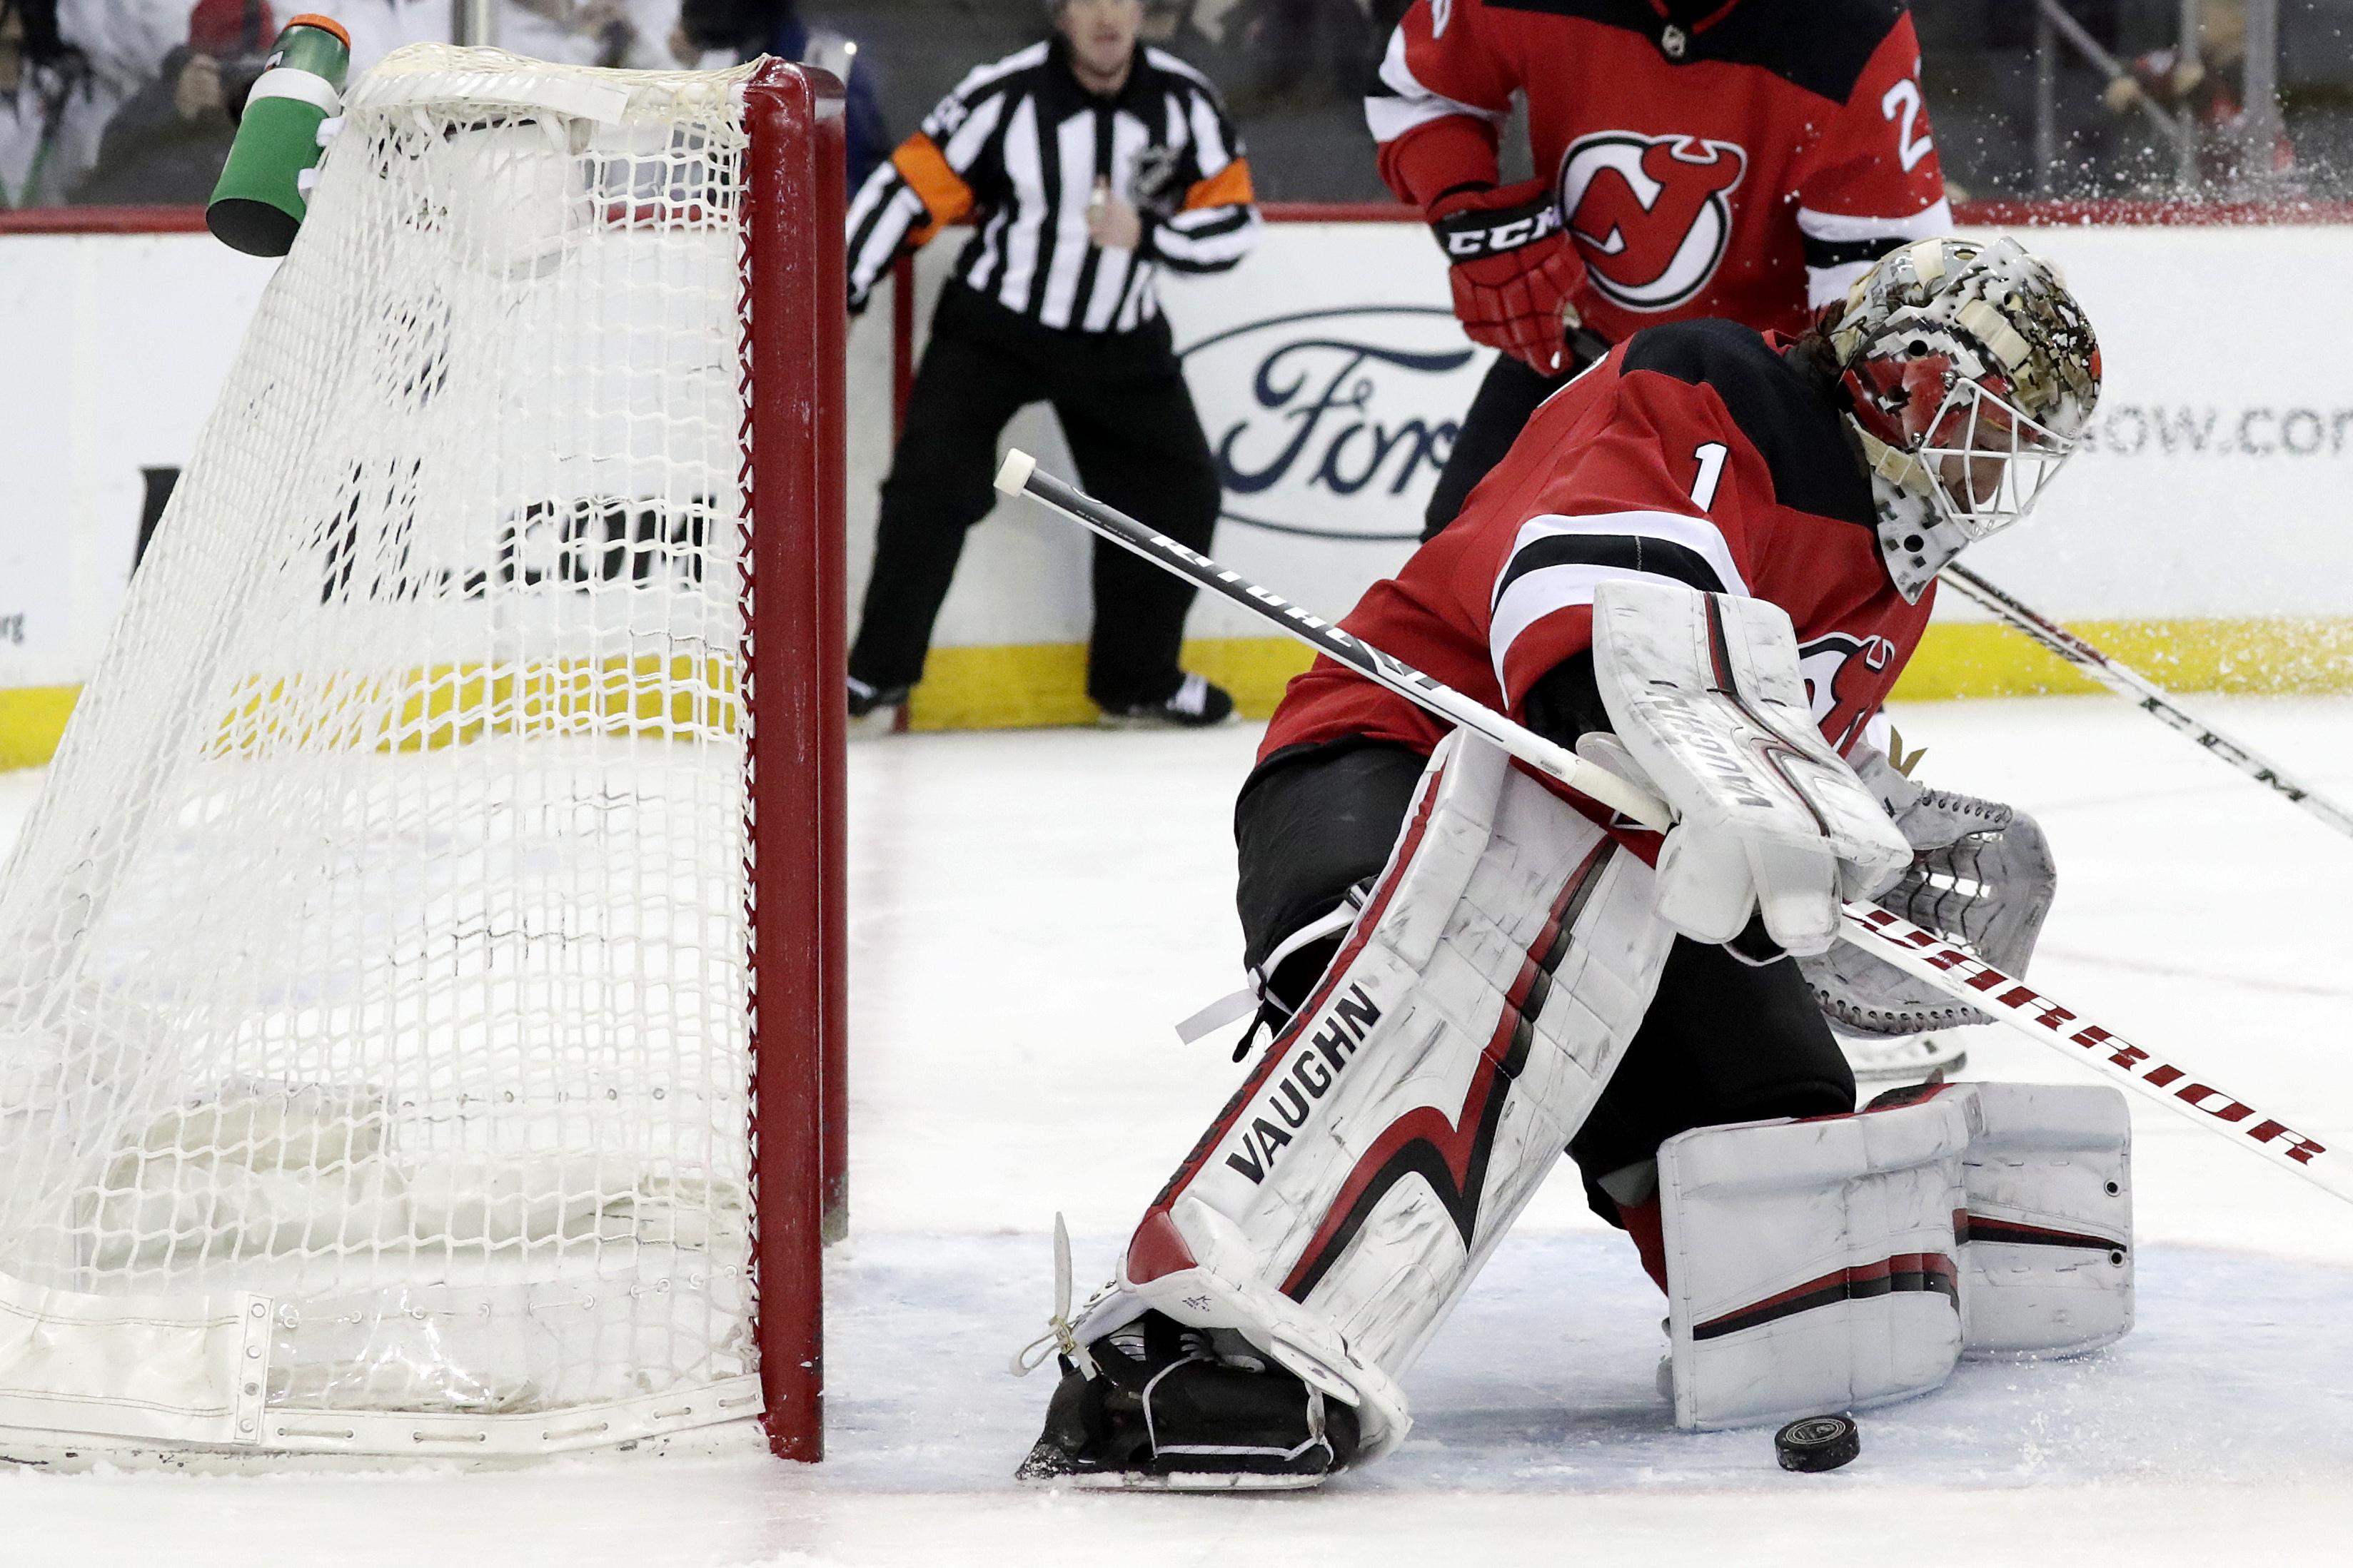 Johansson scores twice, Devils beat Hurricanes 3-2